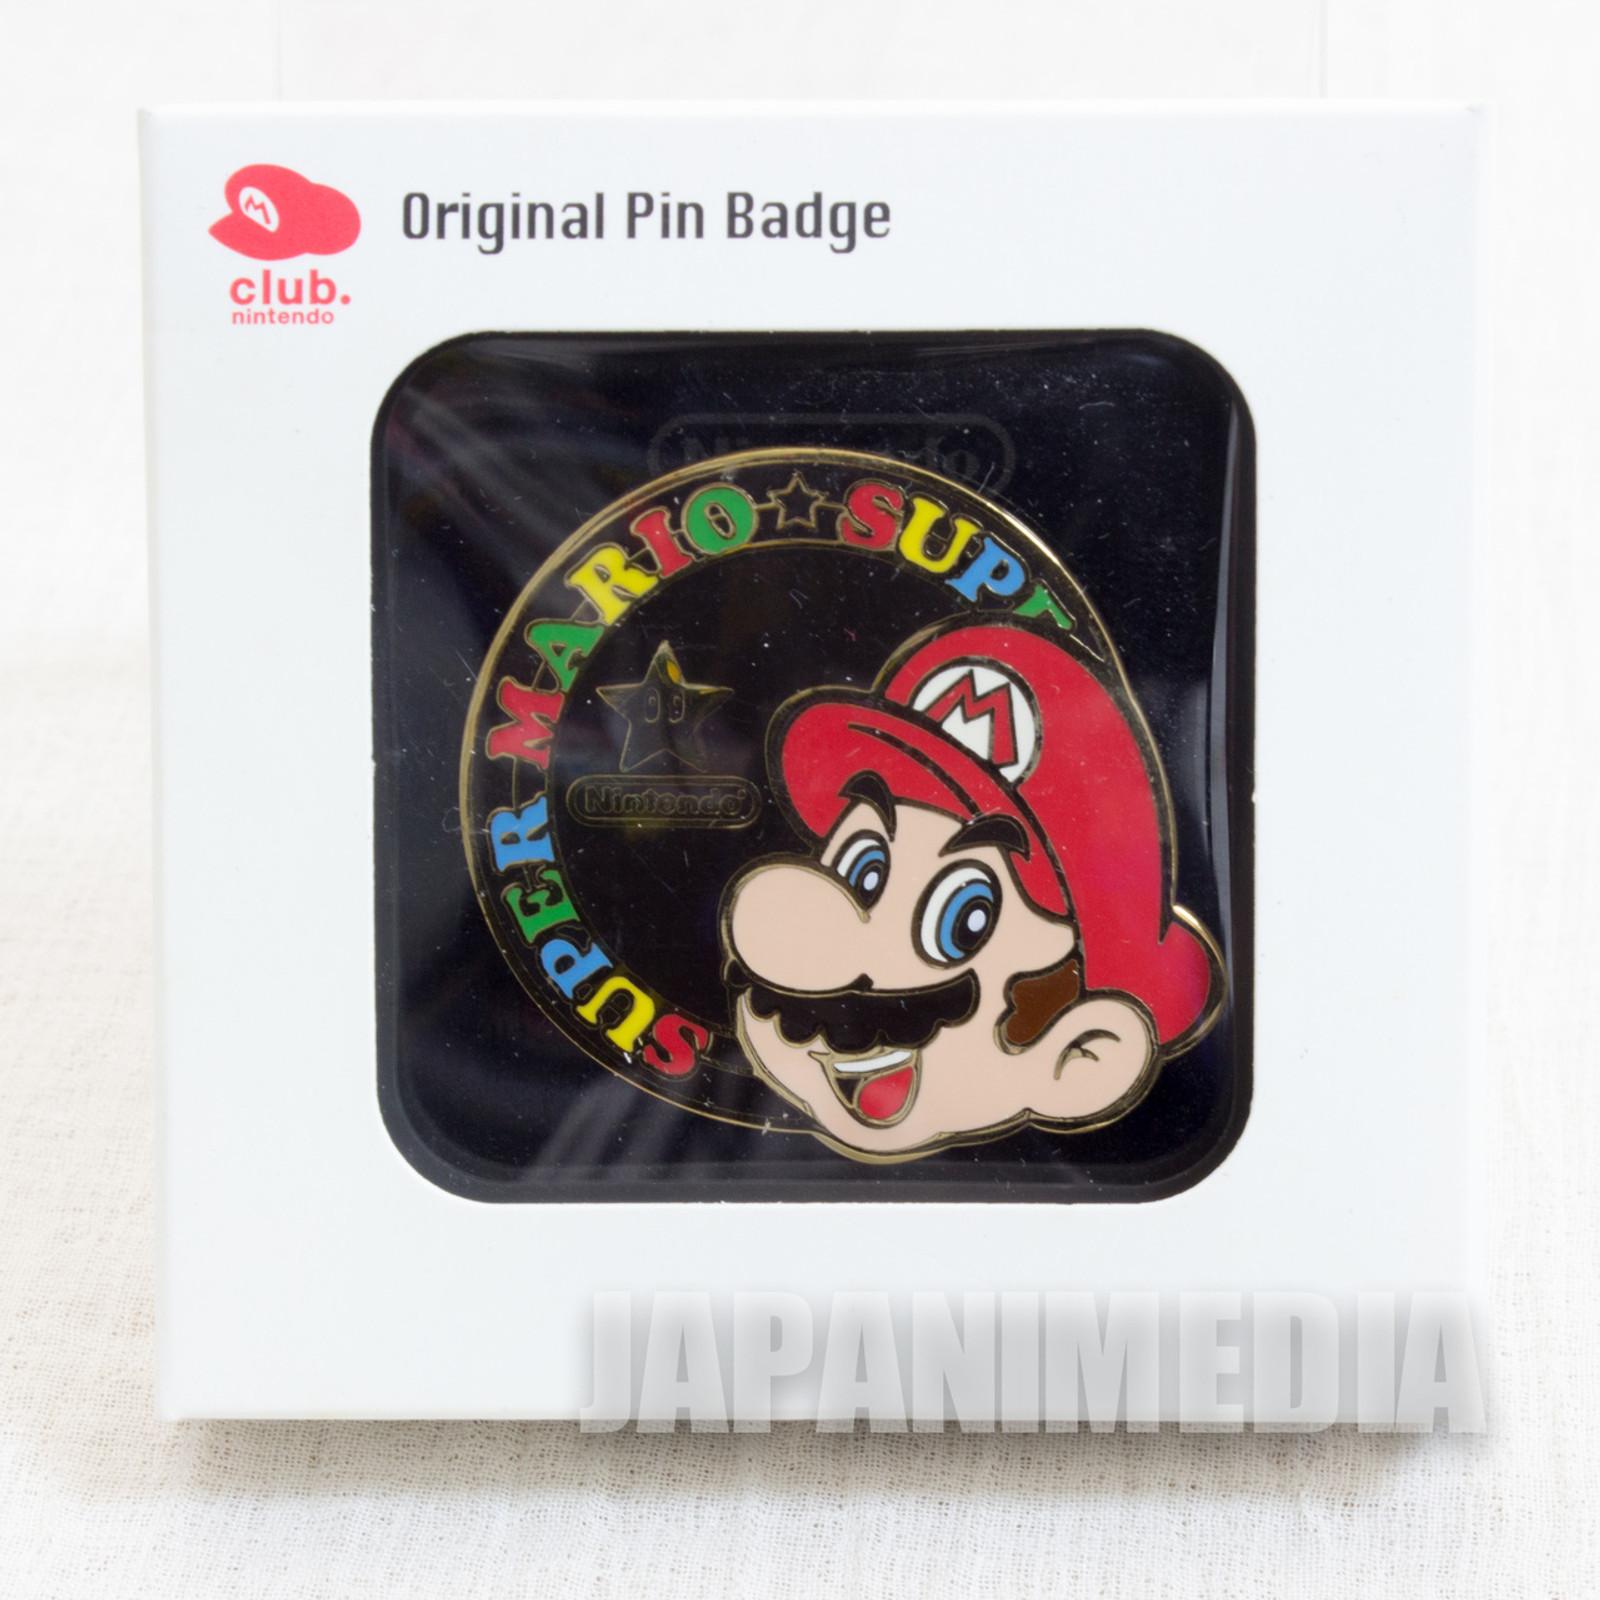 Club Nintendo Super Mario Bros. Pins Famicom NES NINTENDO JAPAN 2